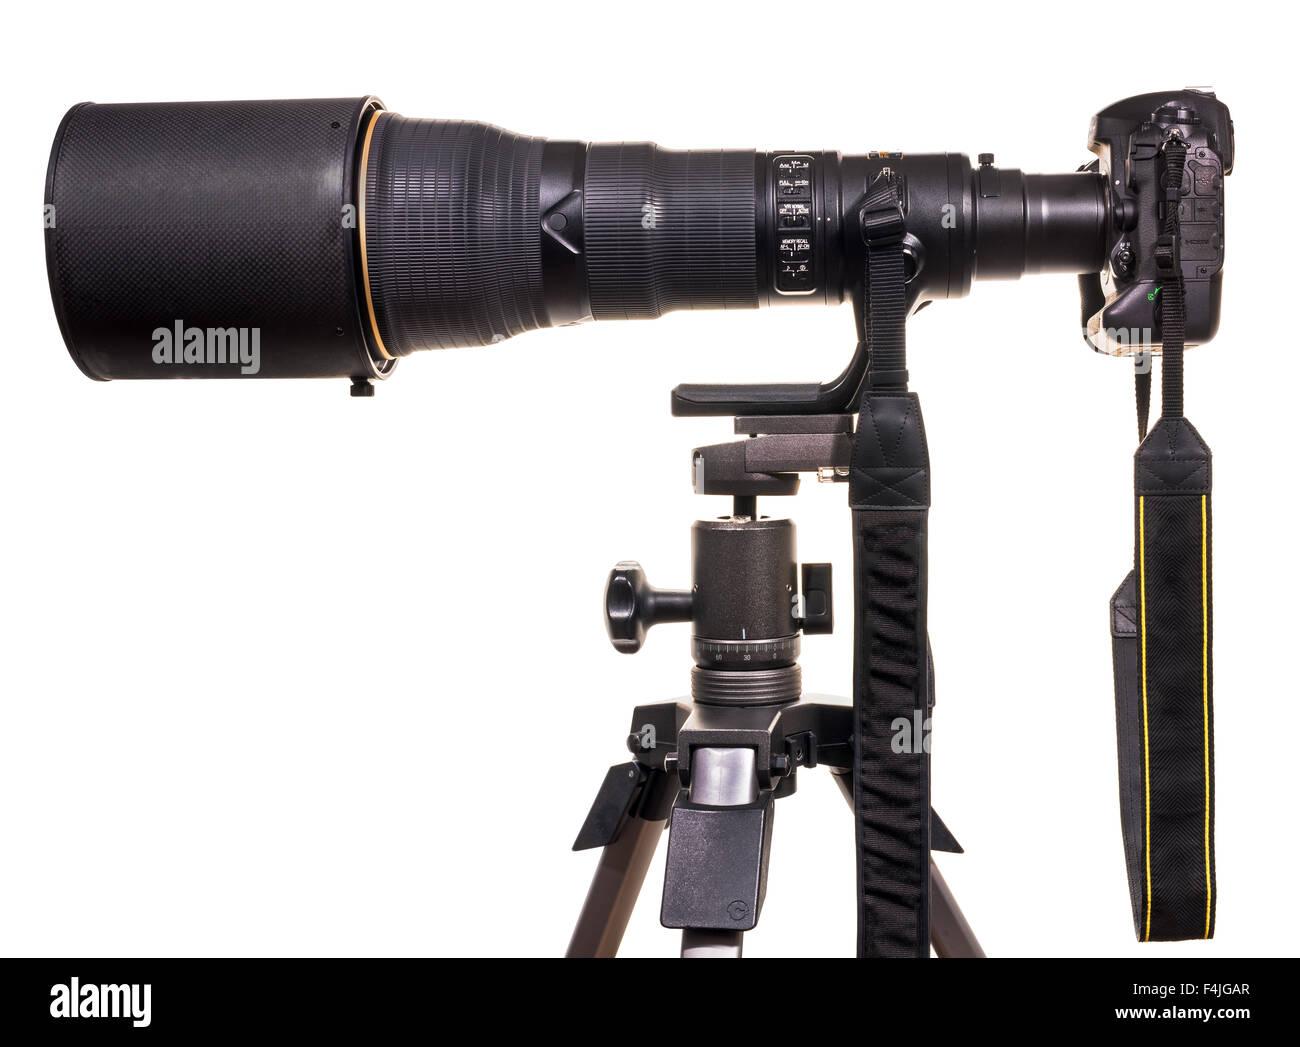 800mm lente na câmara DSLR formato completo. Tripé. Teleobjectiva de ...